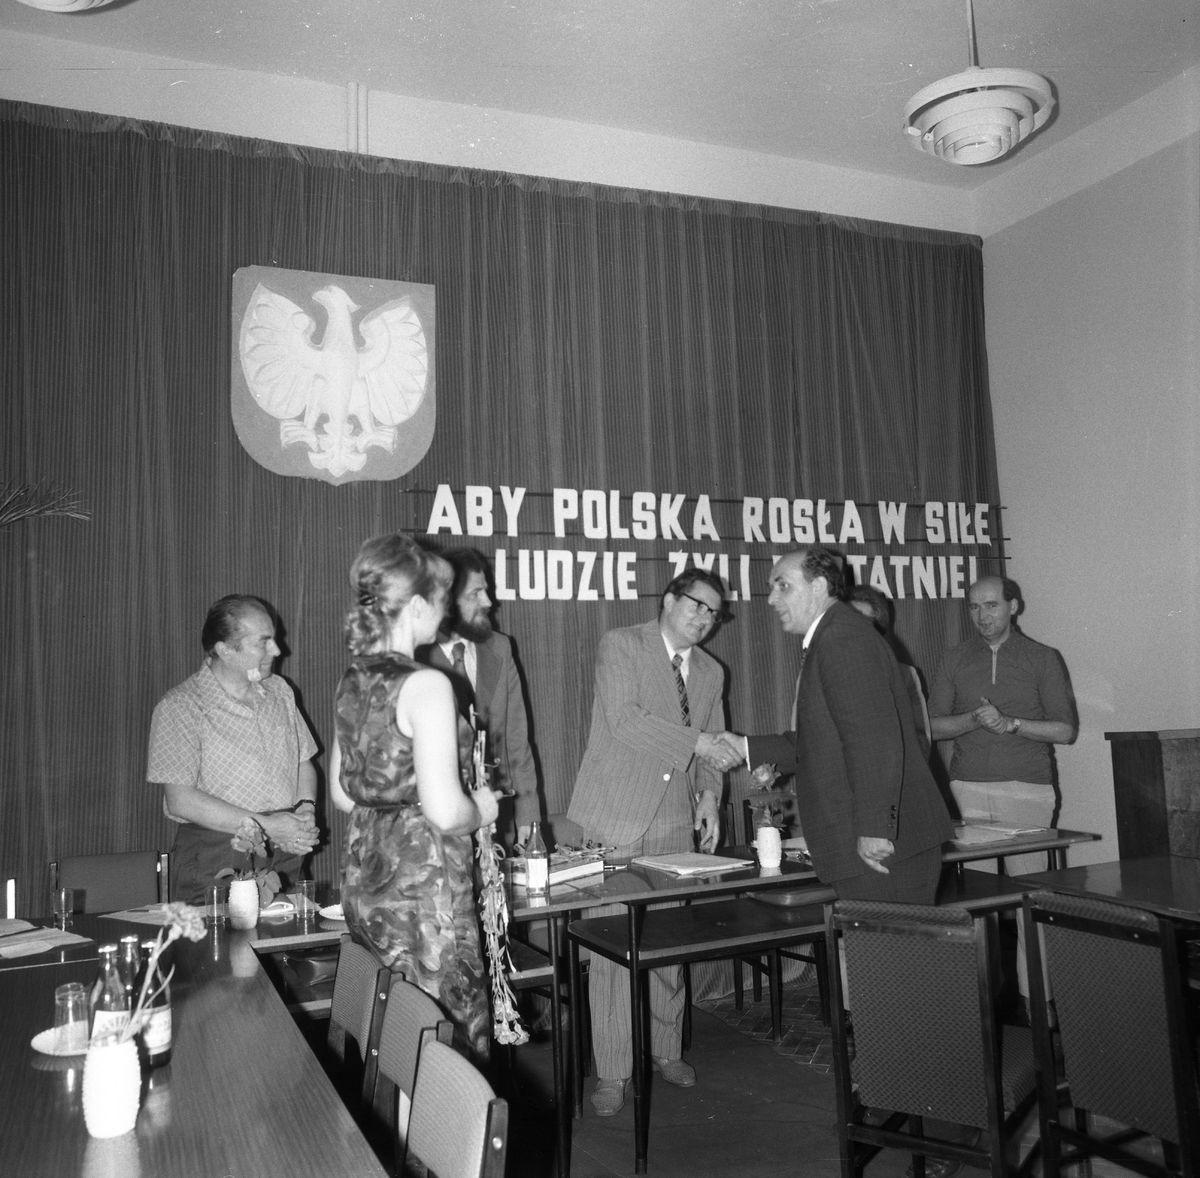 Uroczysta Sesja Miejskiej Rady Narodowej, 1975 r. [2]